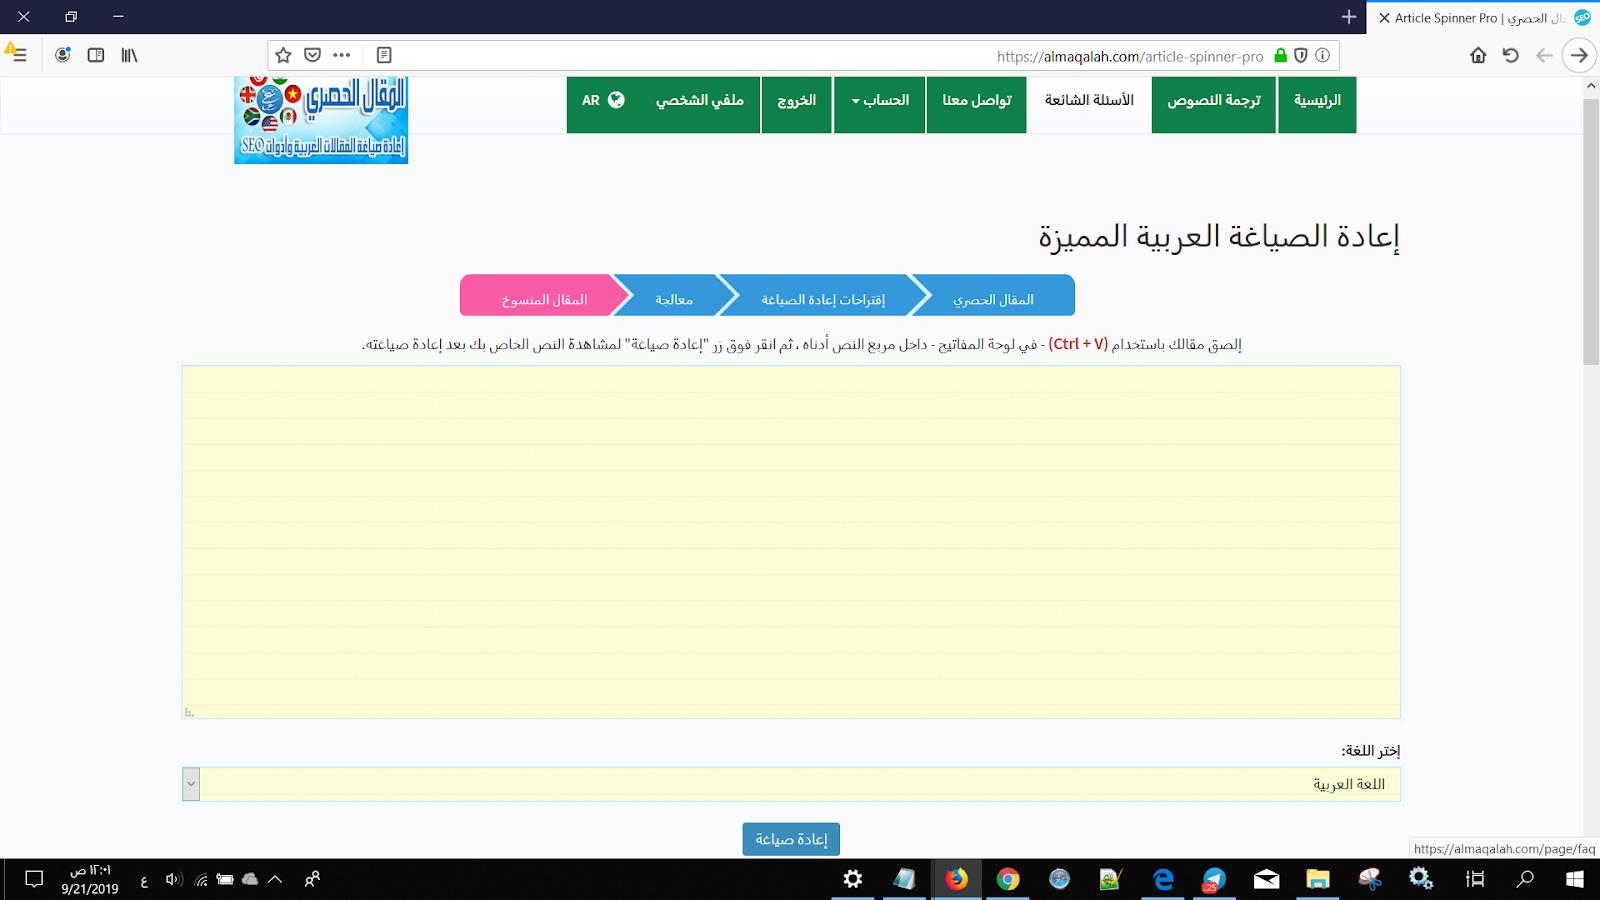 برنامج اعادة صياغة المقالات العربية مجانا